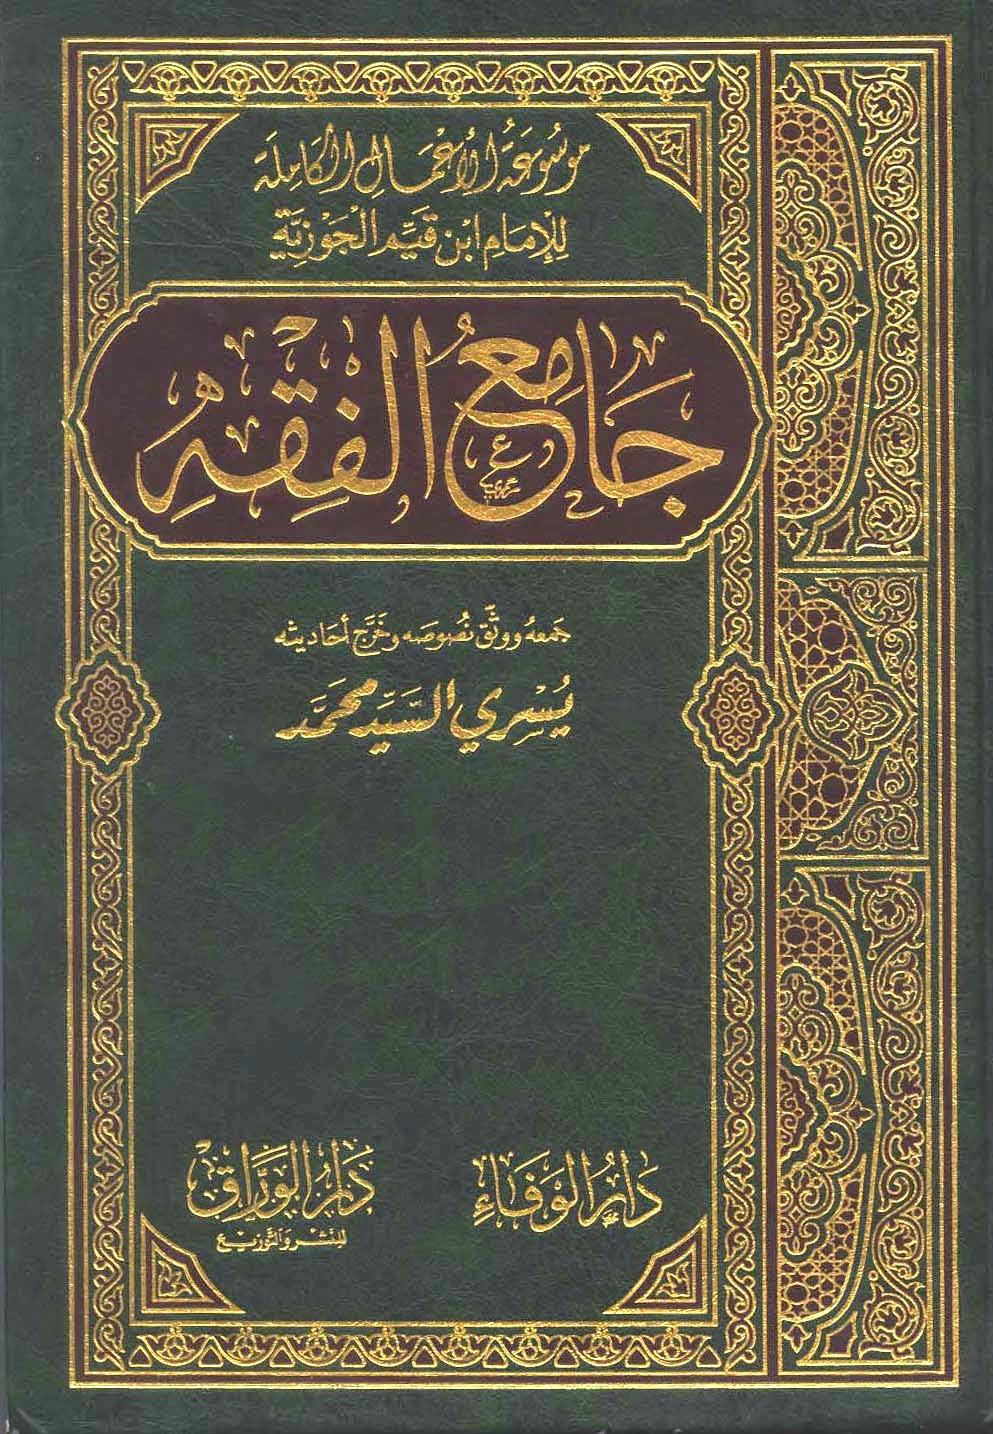 موسوعة الأعمال الكاملة للإمام ابن قيم الجوزية : جامع الفقه